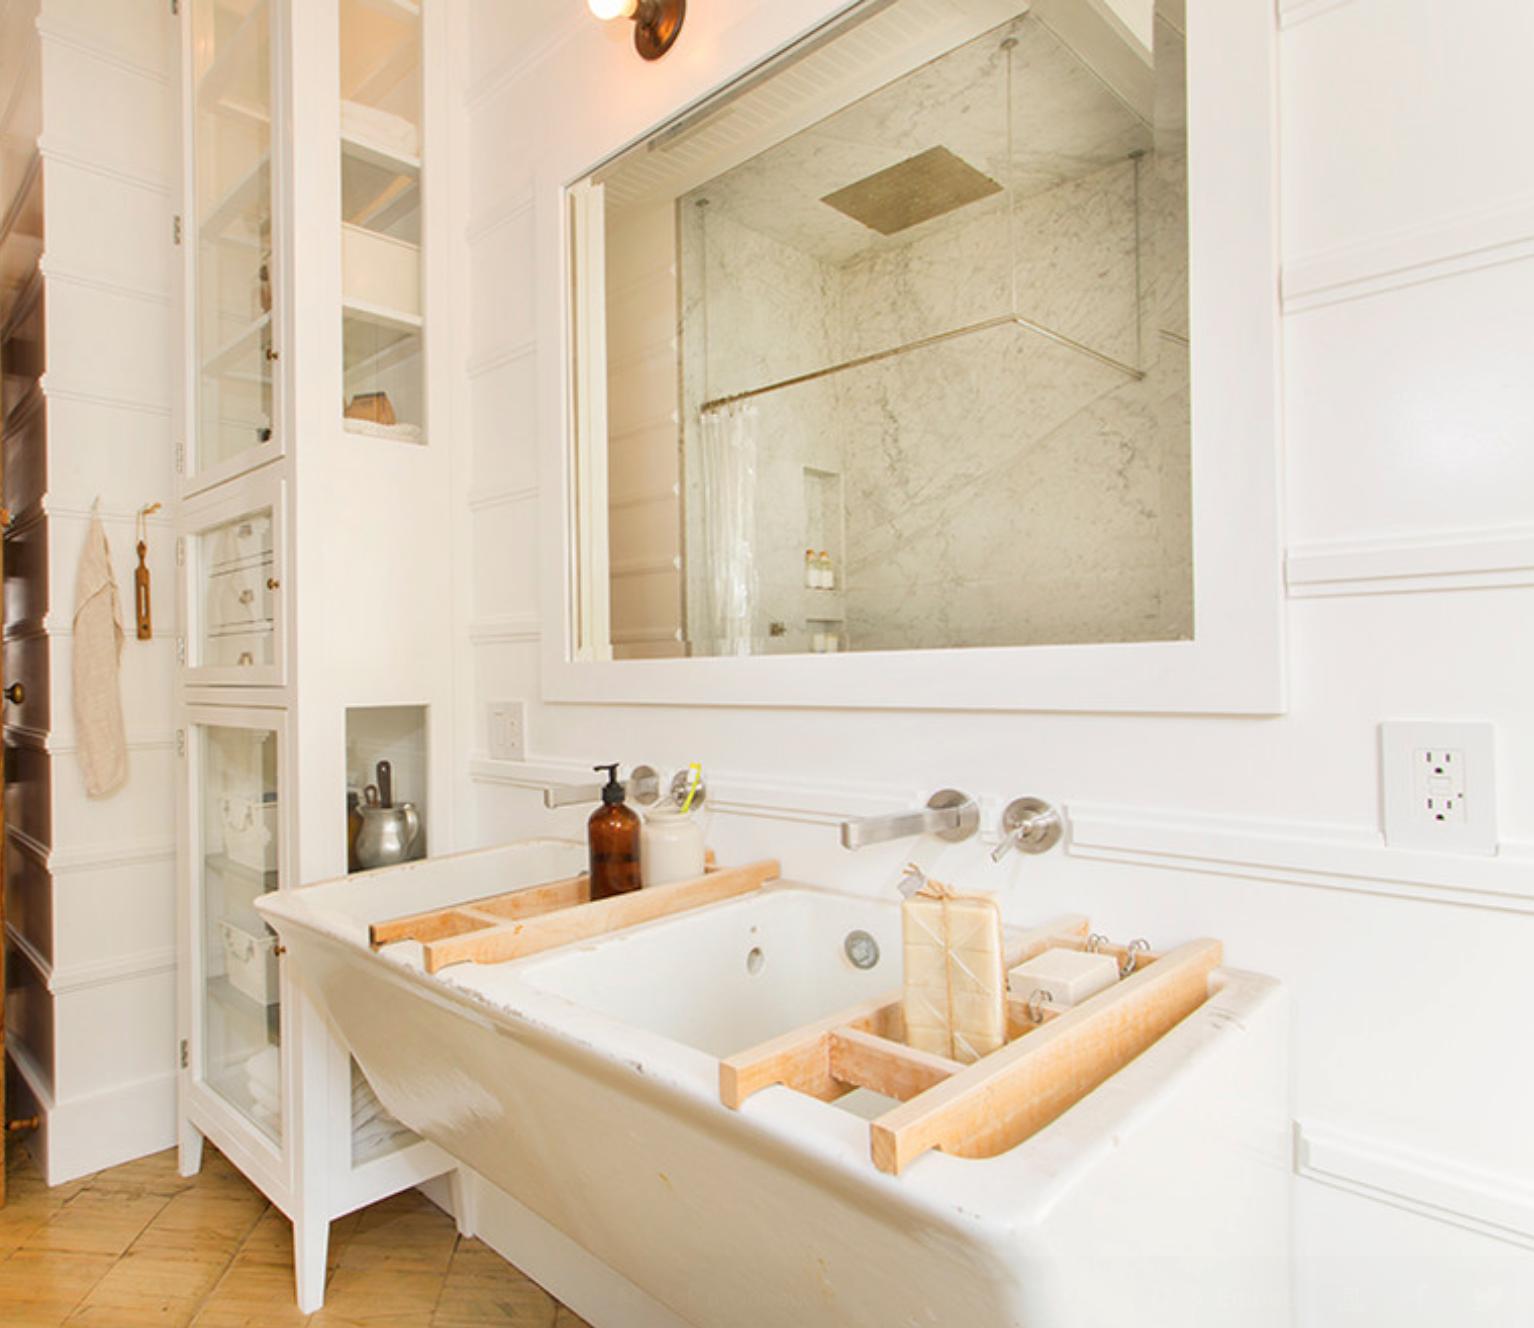 Banheiros super originais decorandoonline #A29C29 1534x1328 Banheiro Com Bancada Preta